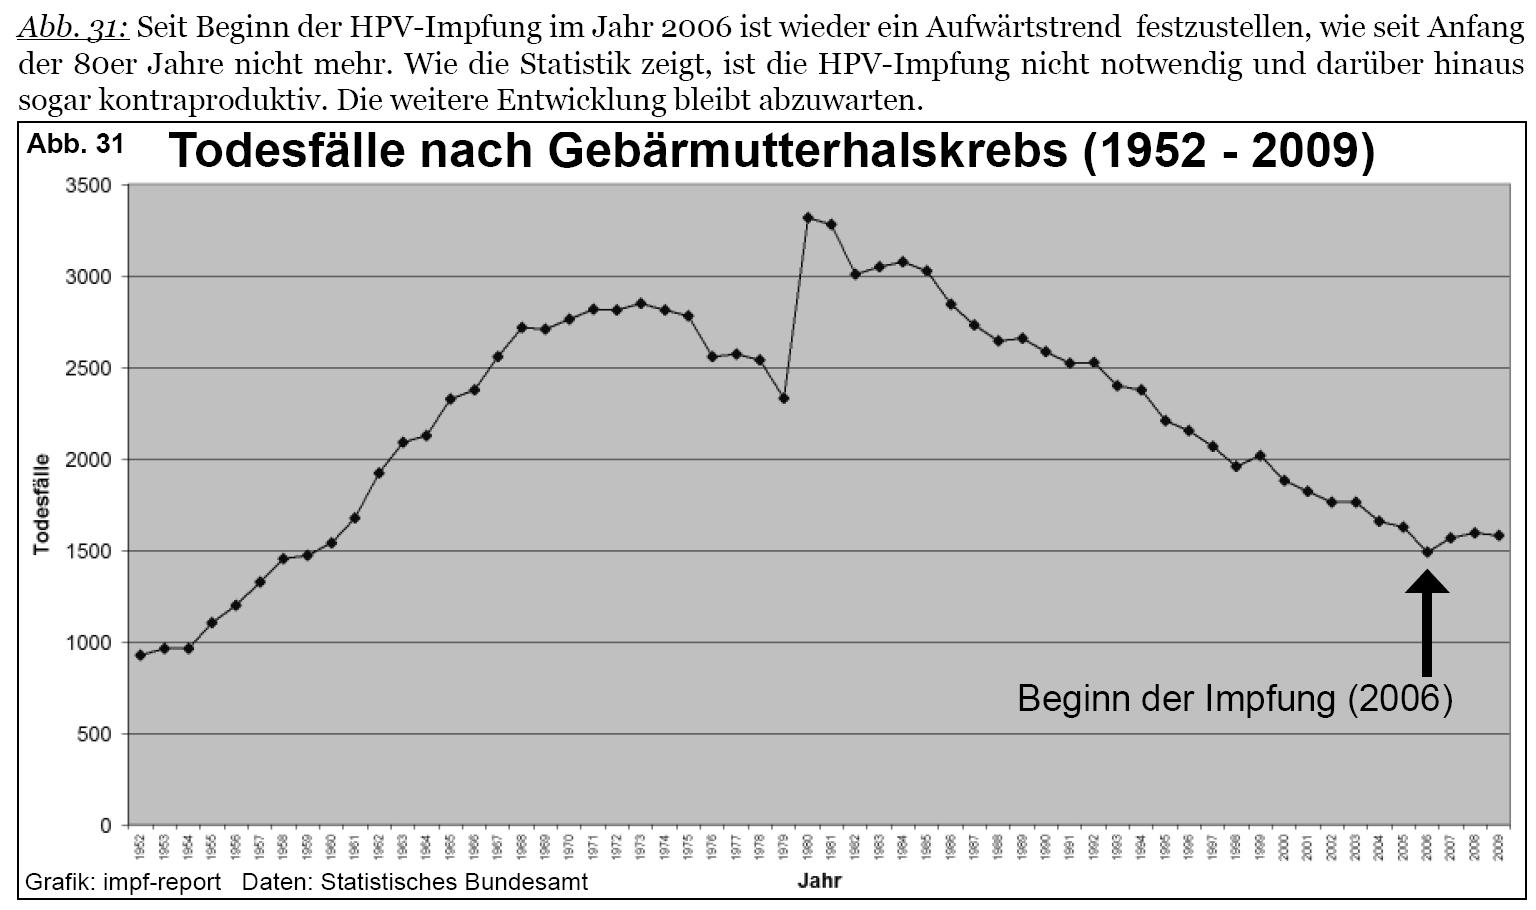 impfkritik.de - Die HPV-Impfung gegen Gebärmutterhalskrebs